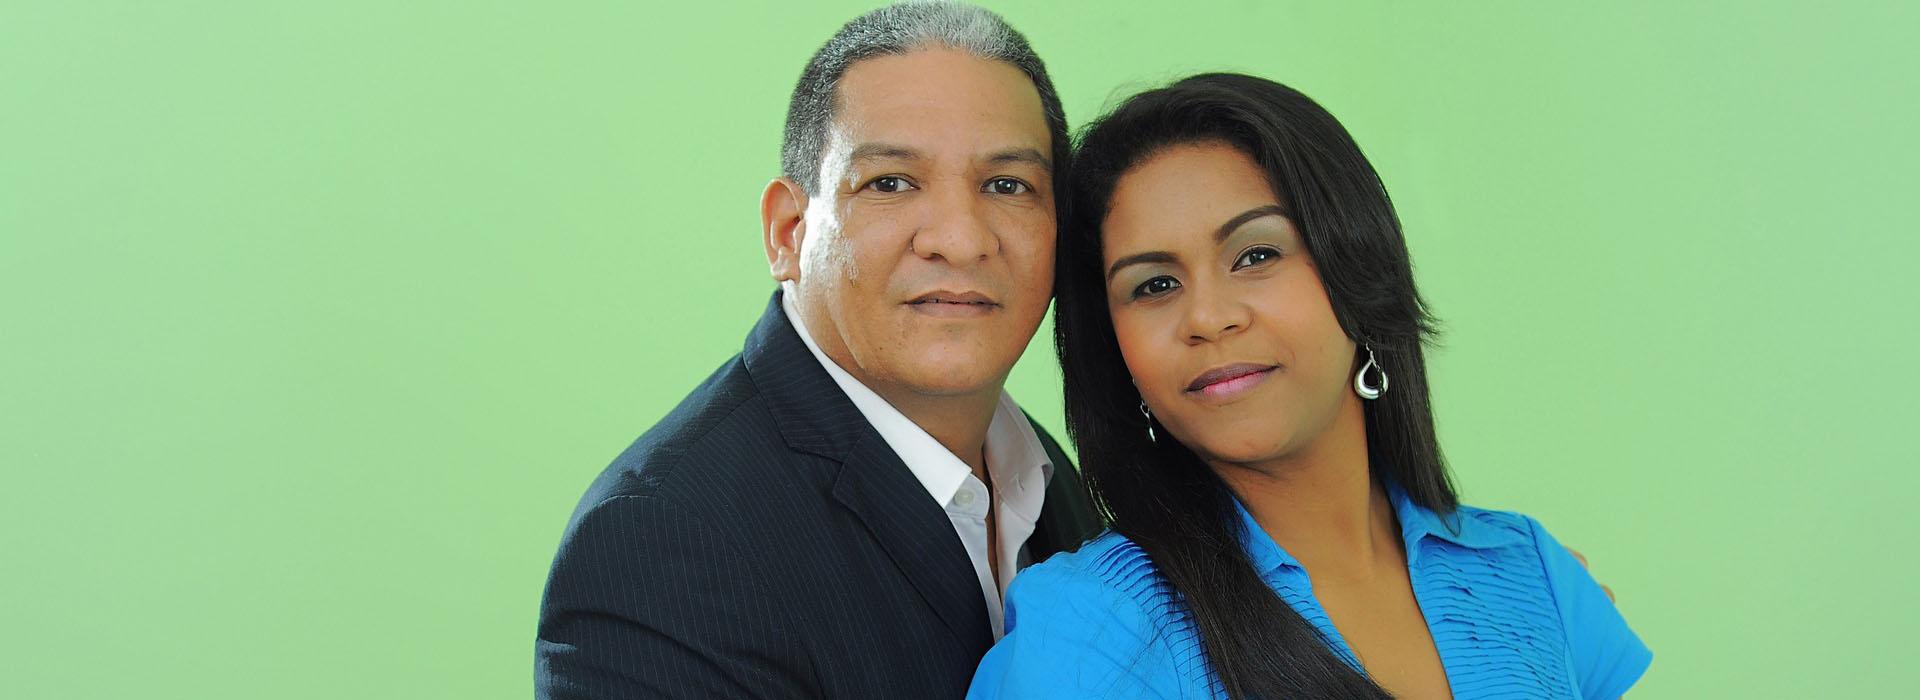 couple_la1